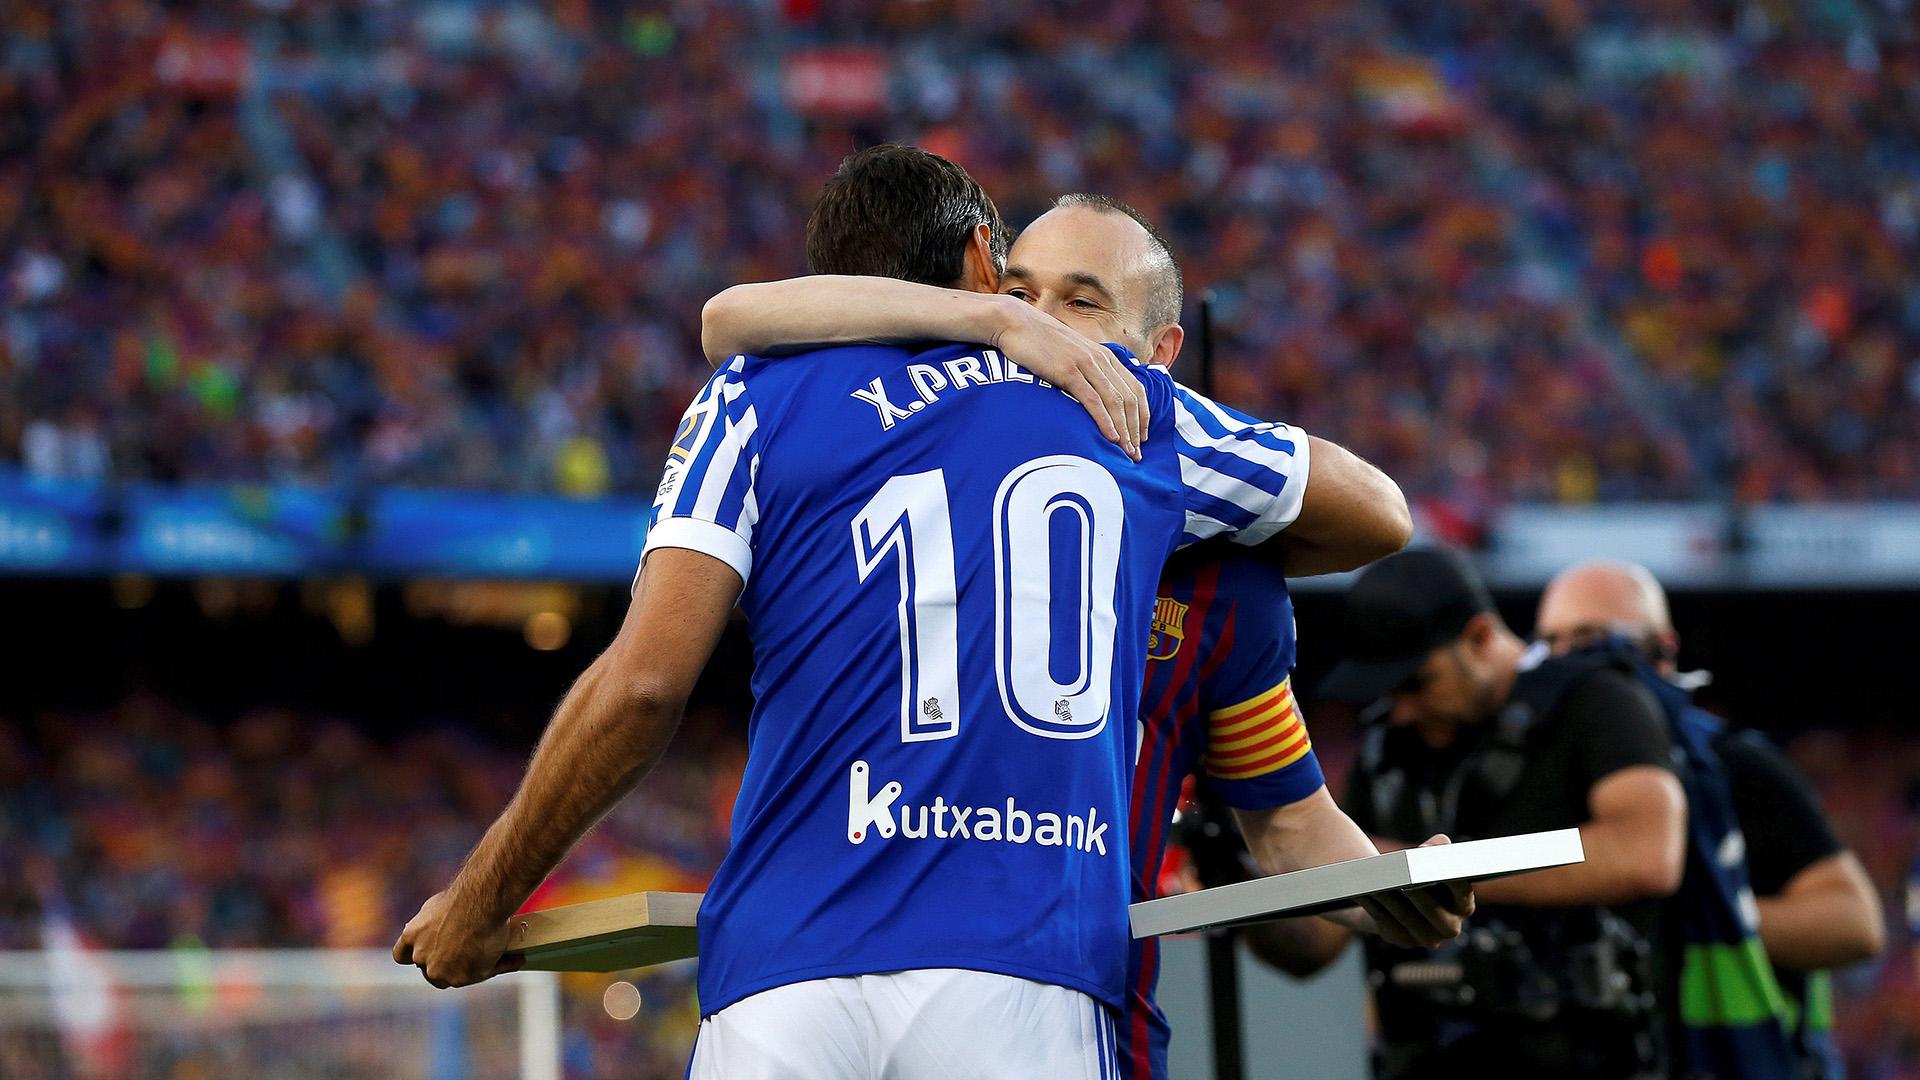 Él y Xavi Prieto se retiraron de sus respectivos clubes